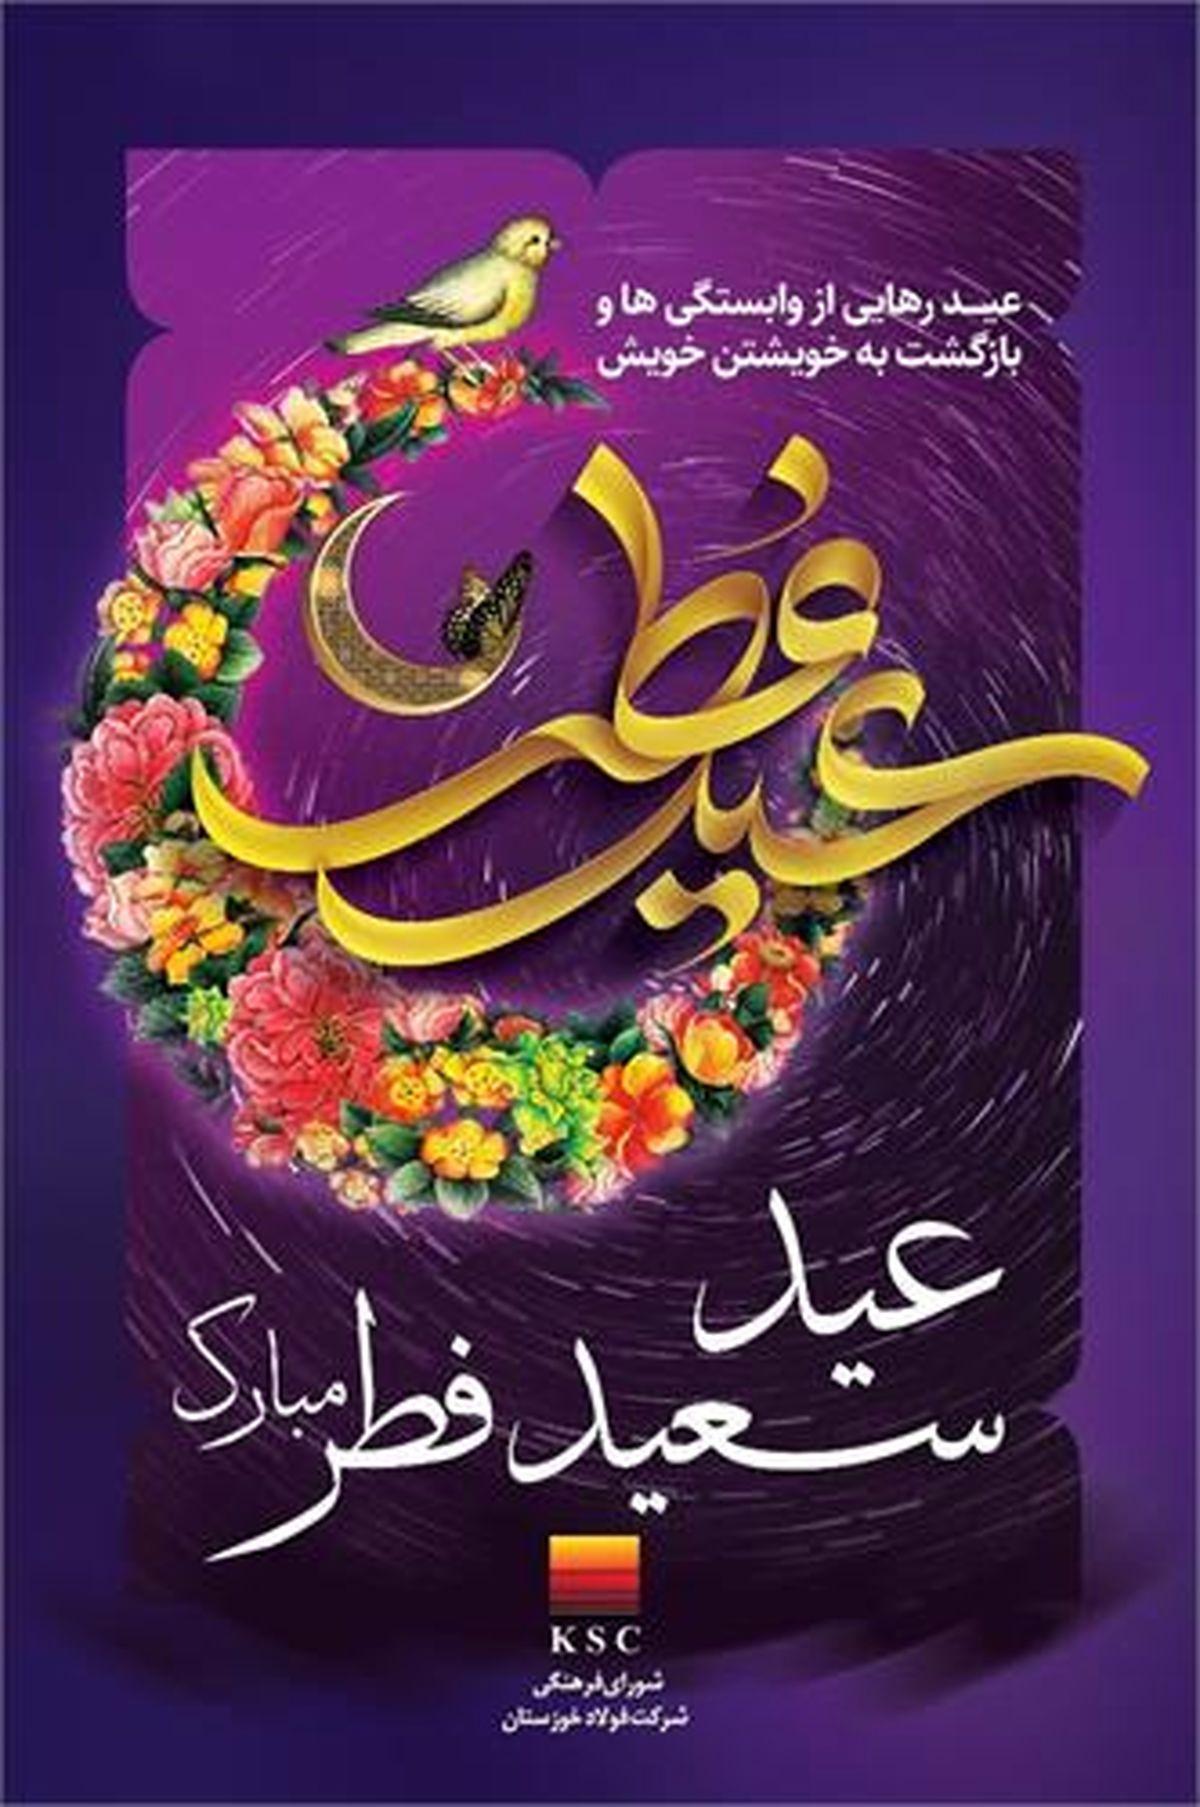 پیام مدیرعامل شرکت فولاد خوزستان به مناسبت عید سعید فطر